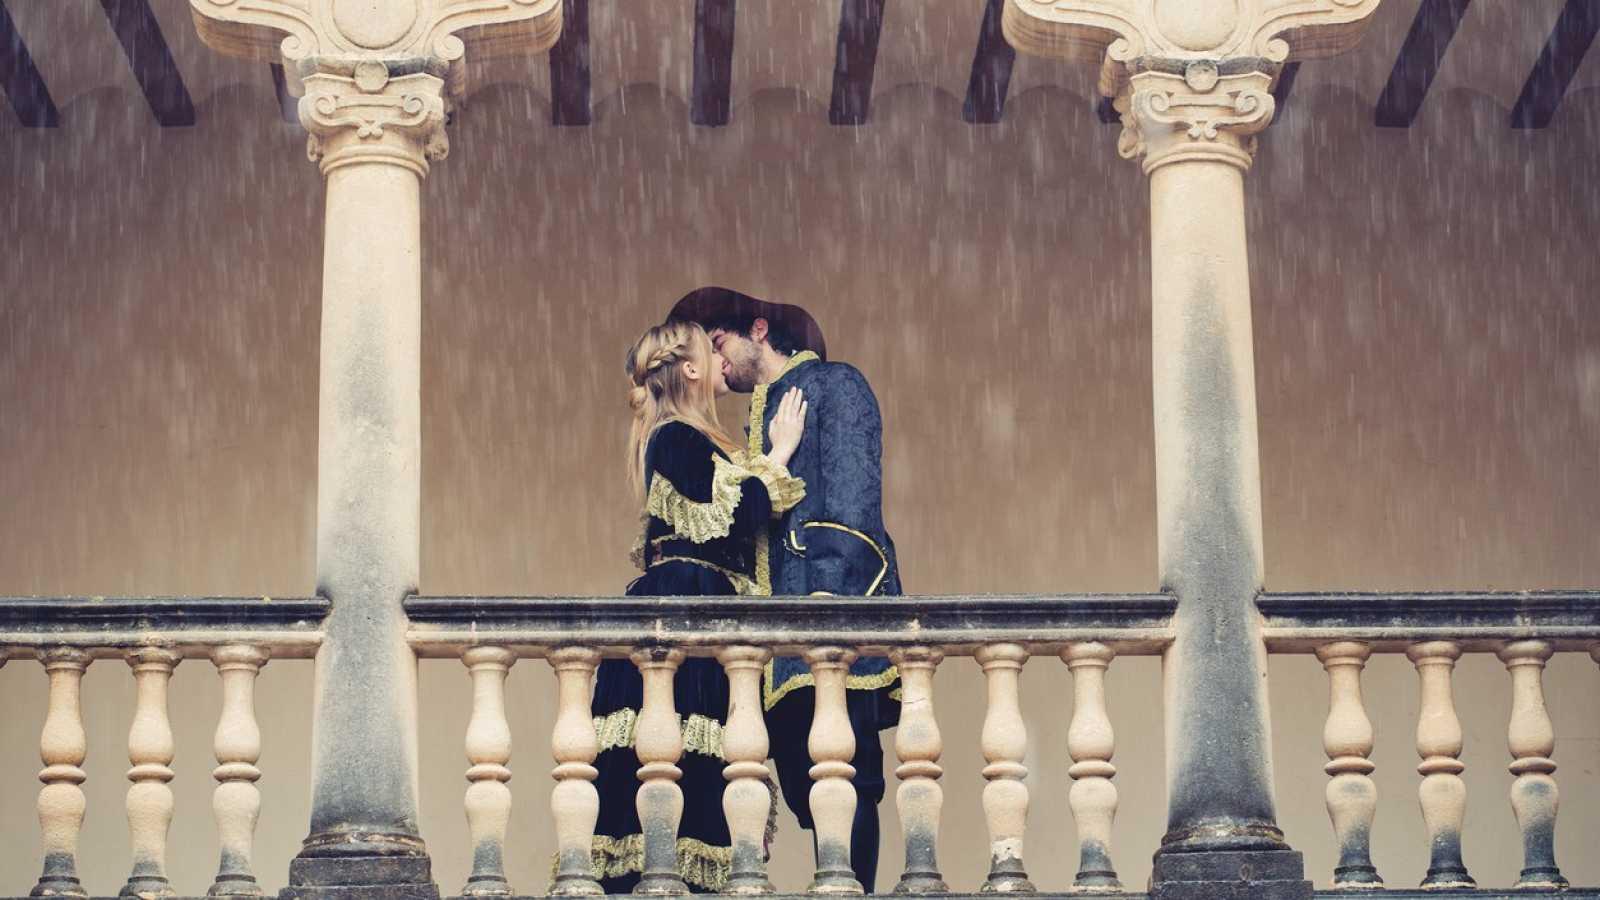 Música y significado - ROMEO Y JULIETA de Prokofiev - 23/02/18 - escuchar ahora